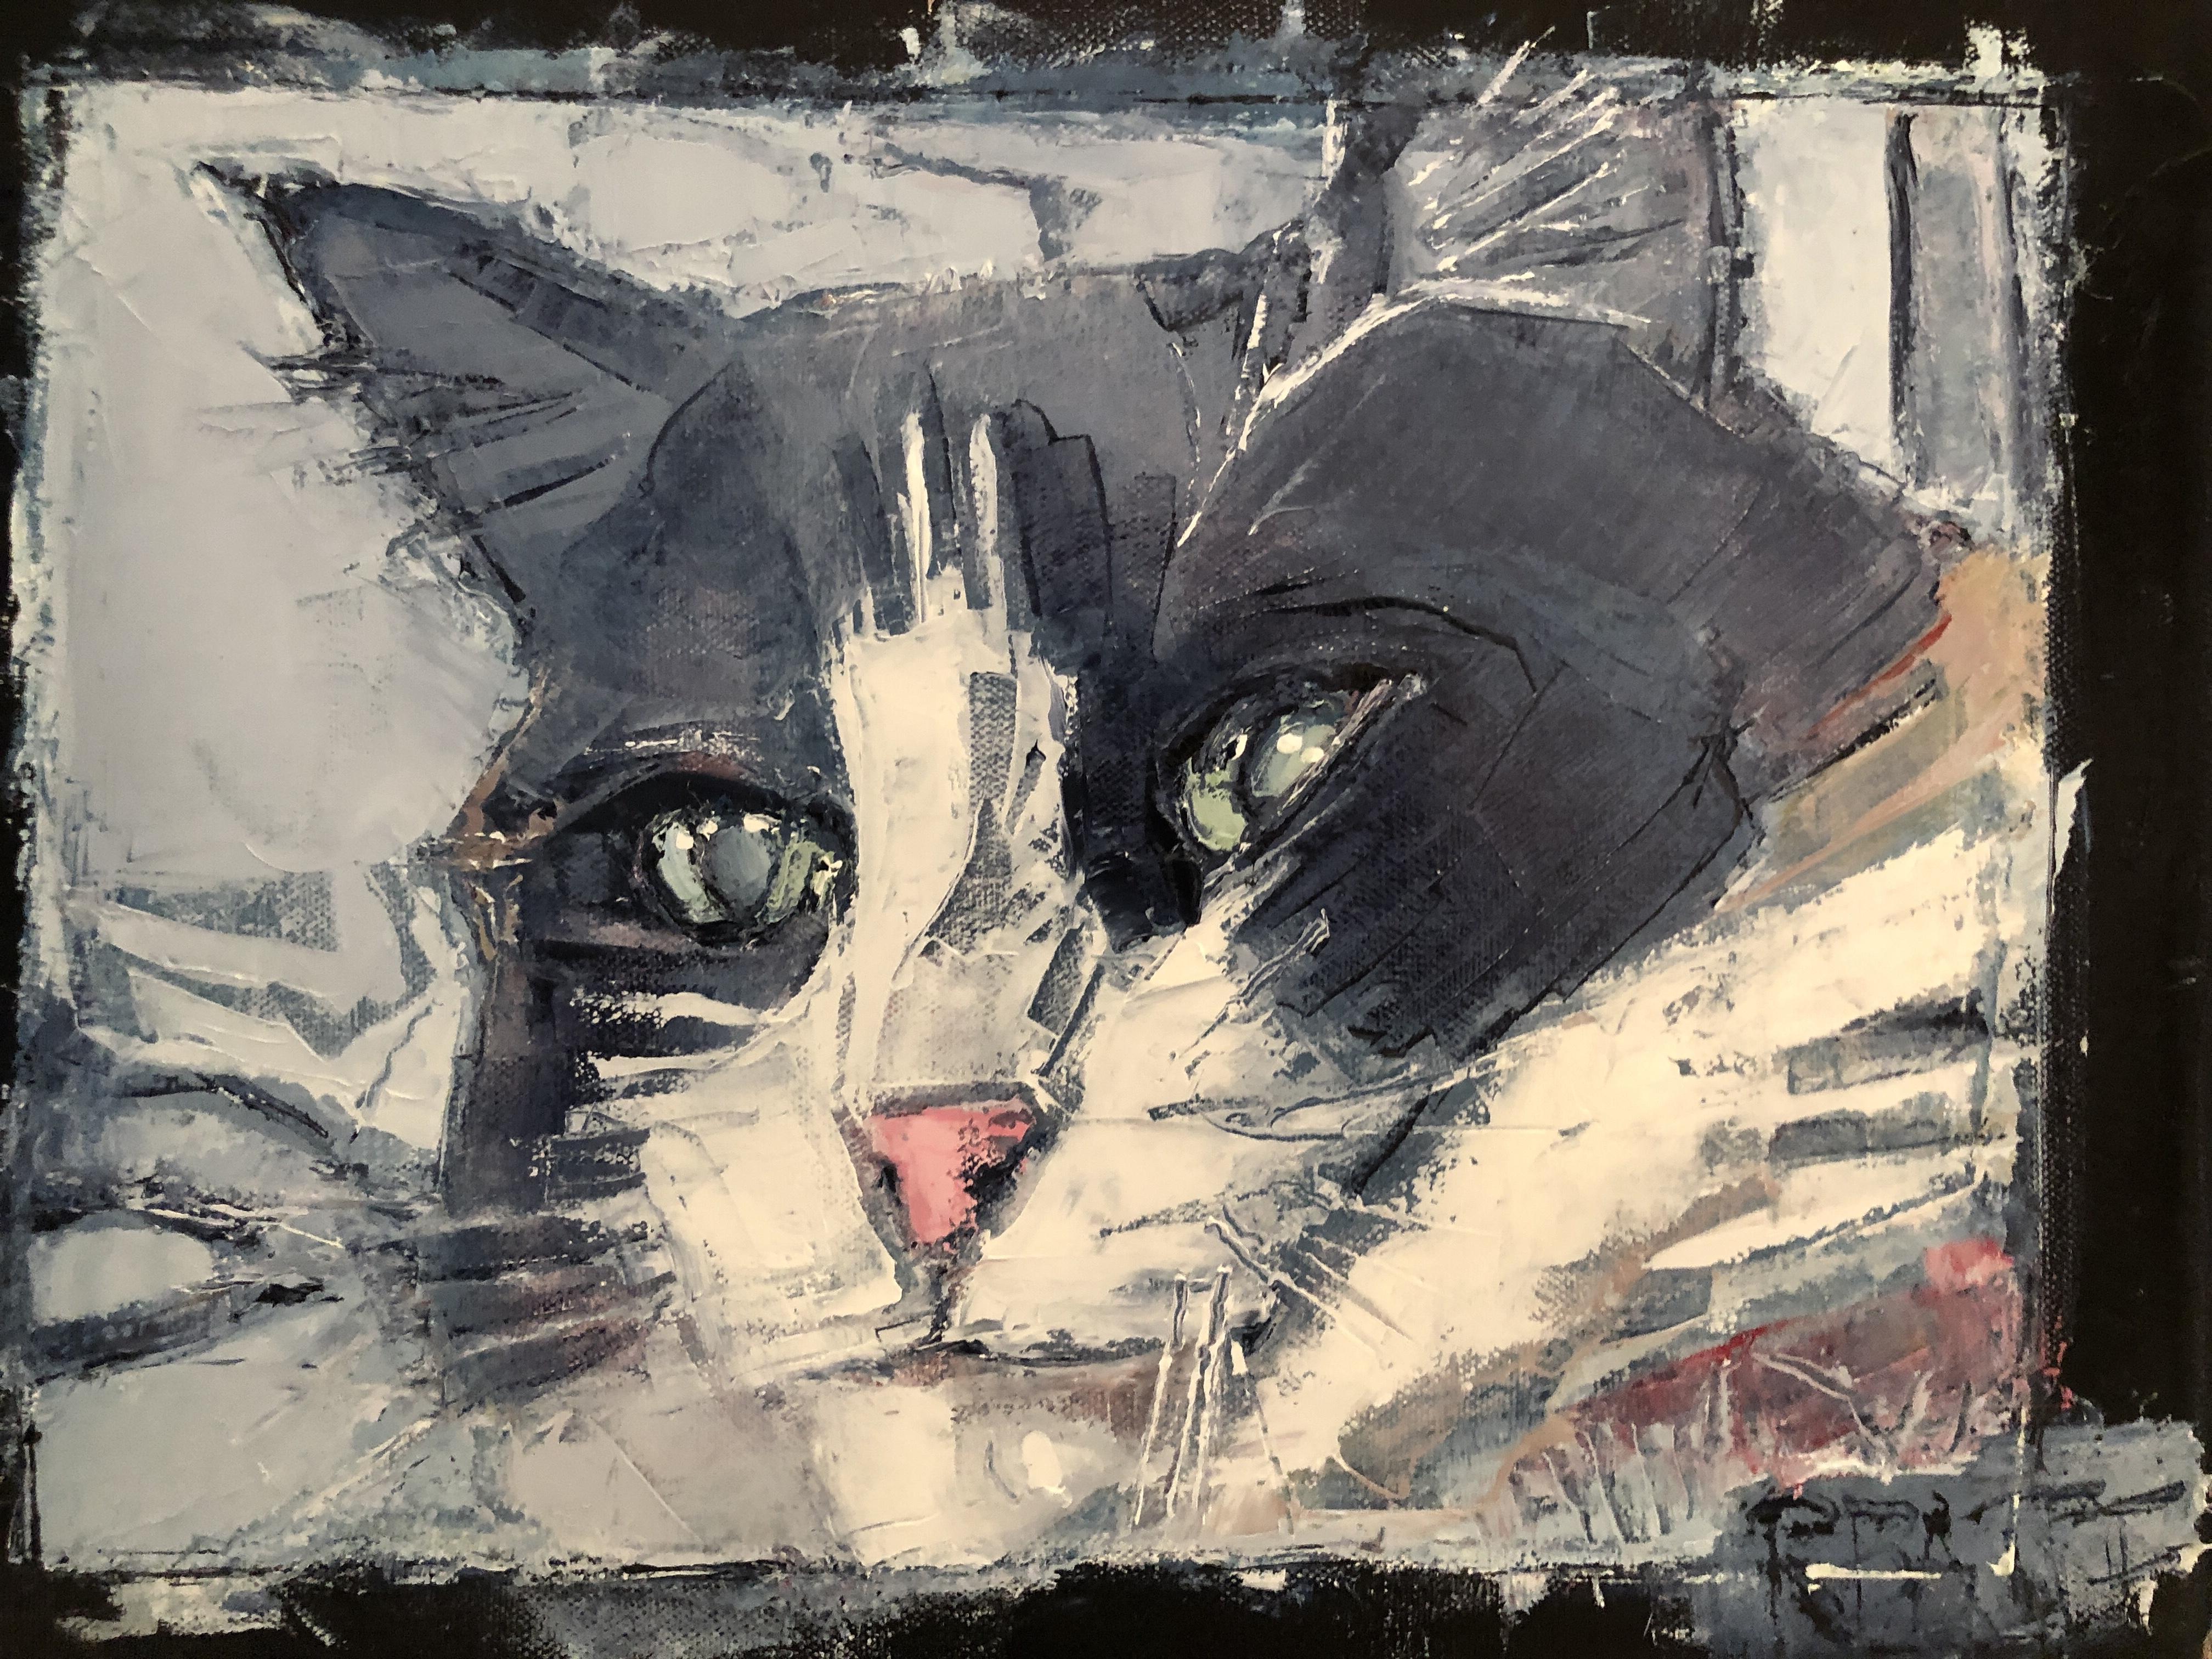 Andrea's Cat